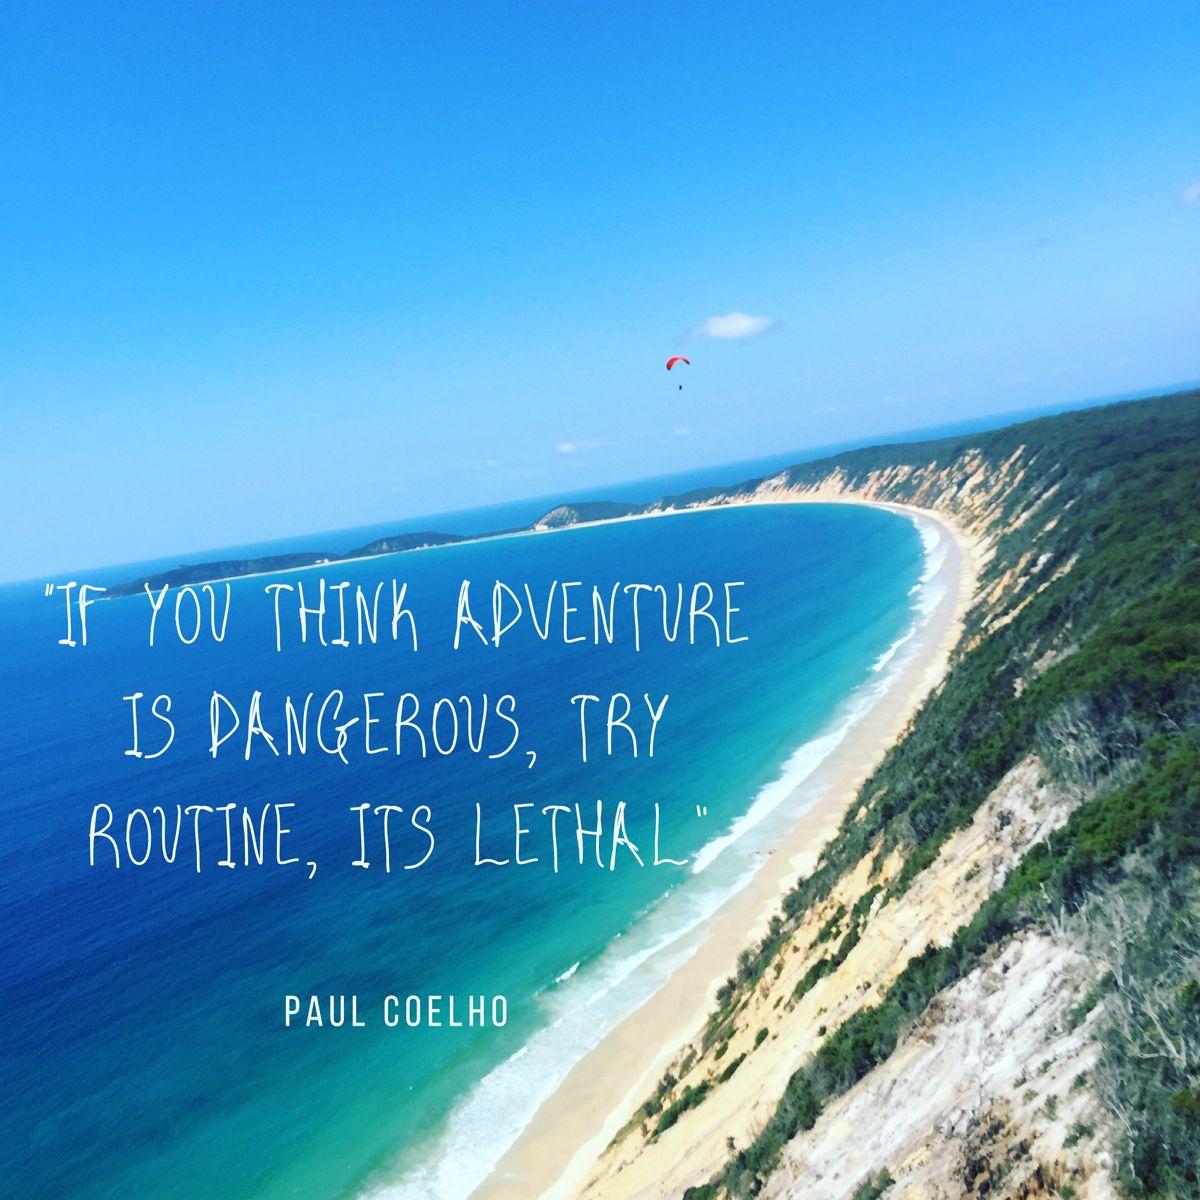 #adventure #quotes #travelinspo